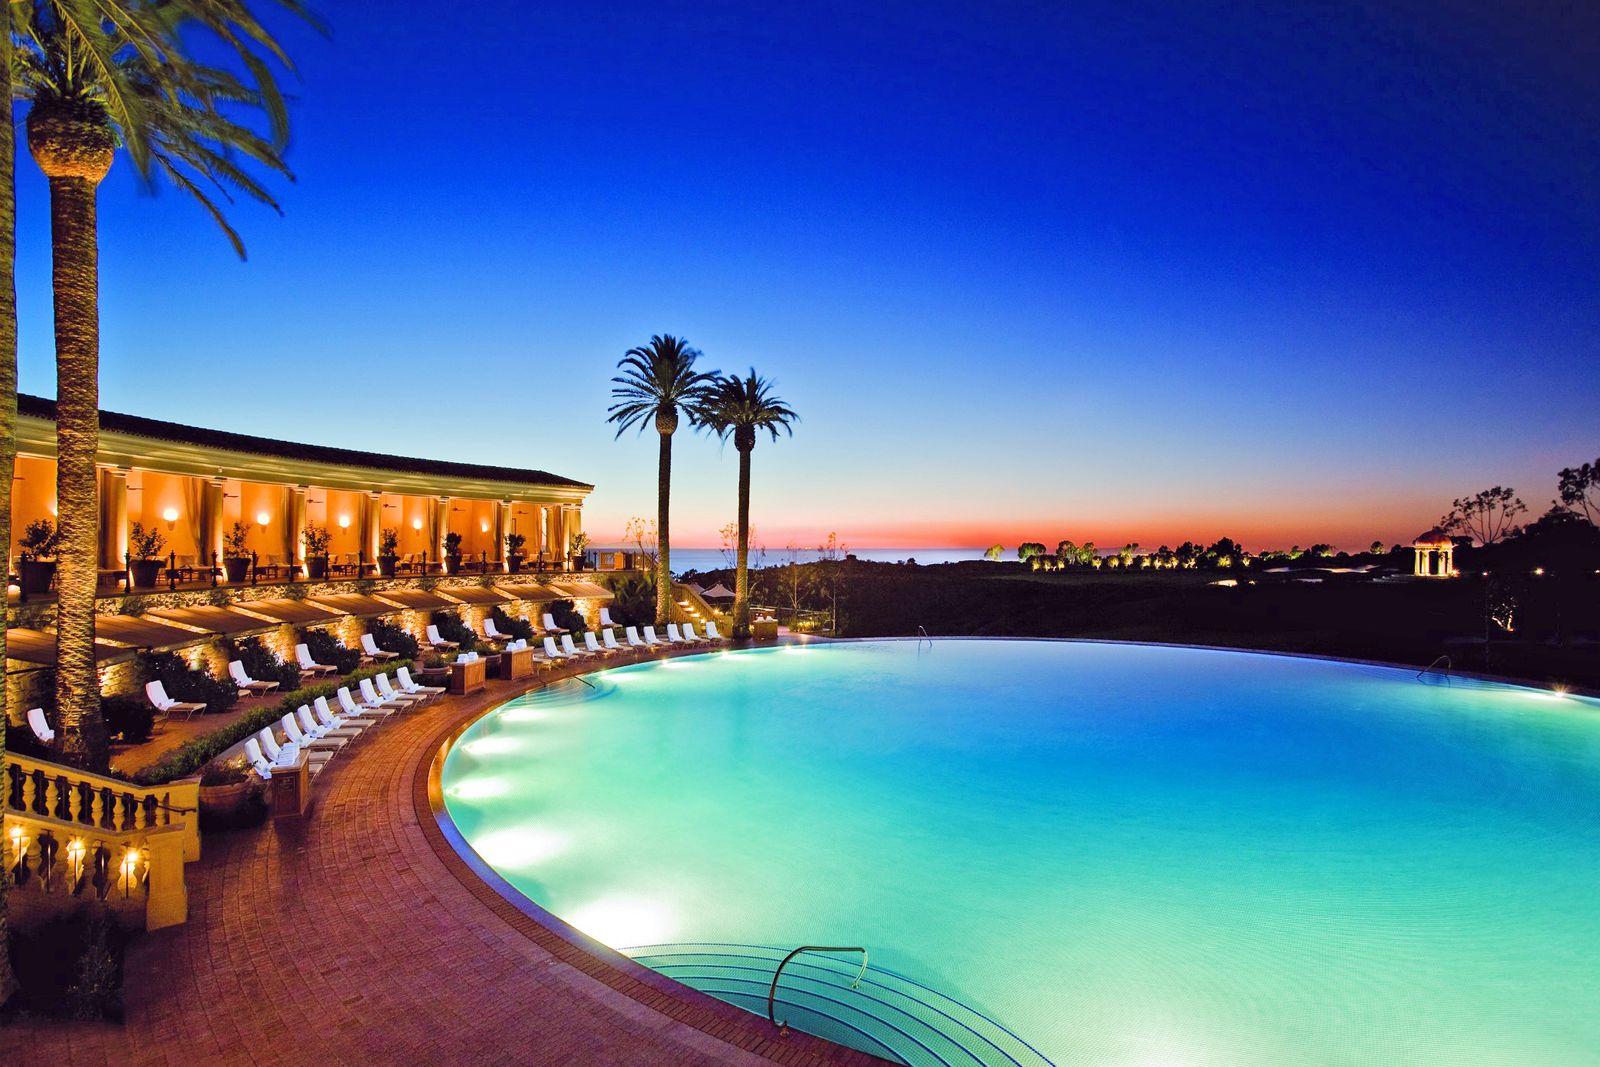 Resort Pelican Hill Villas